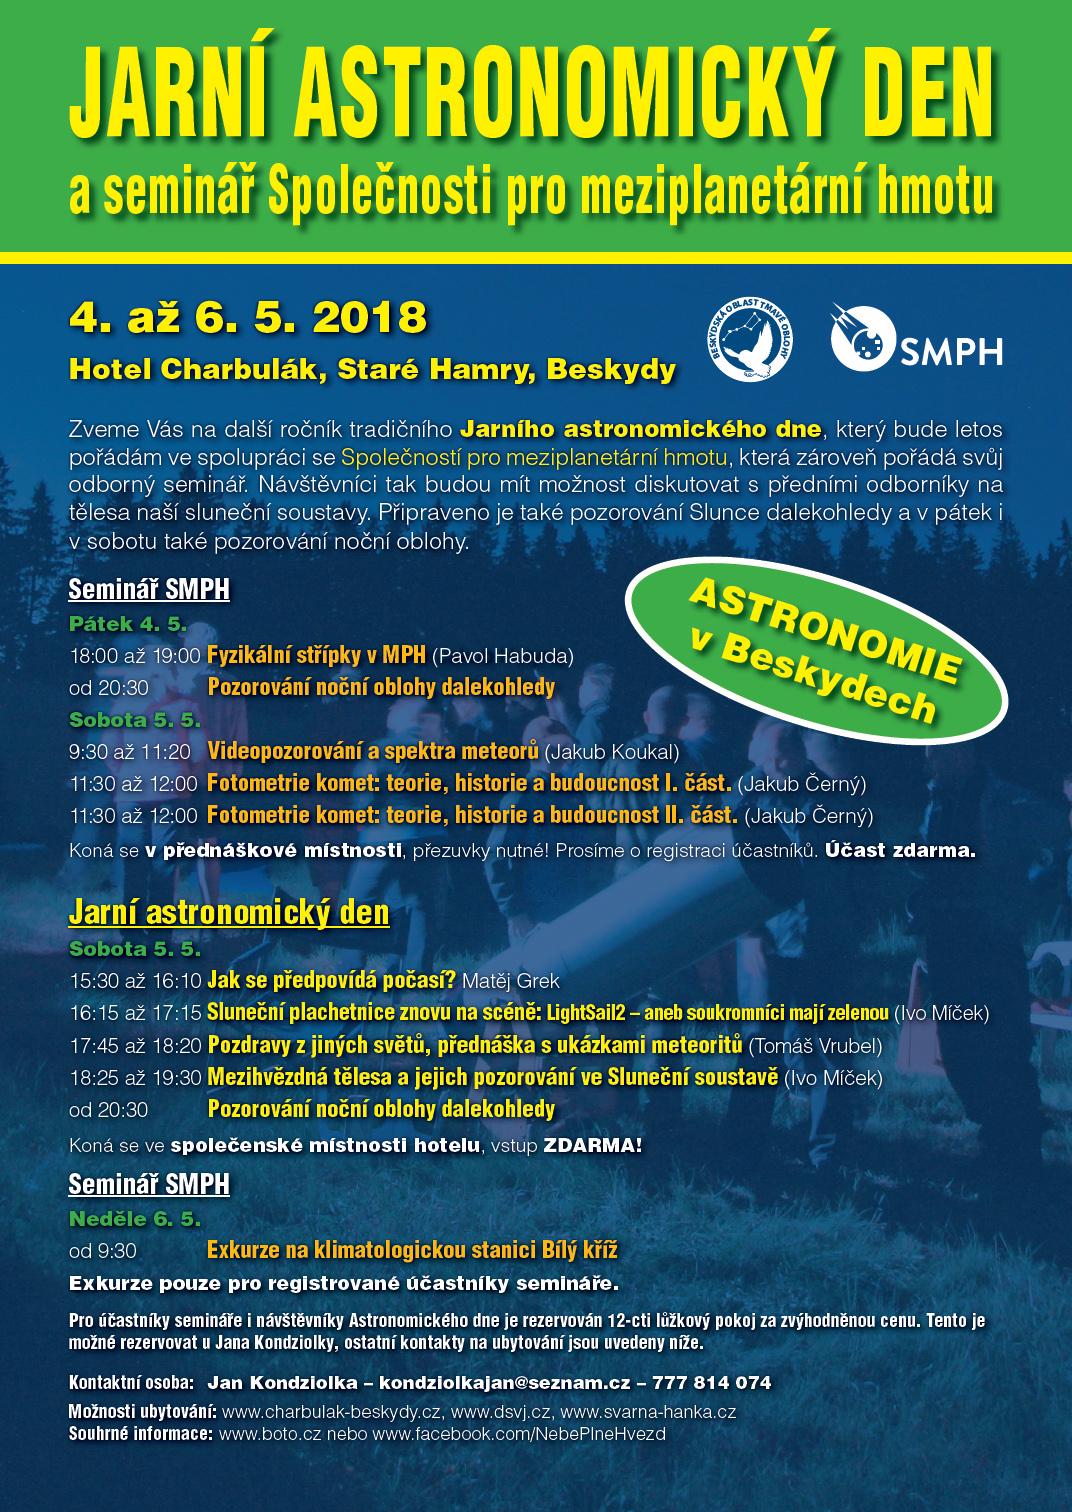 Pozvánka na Jarní astronomický den 2018